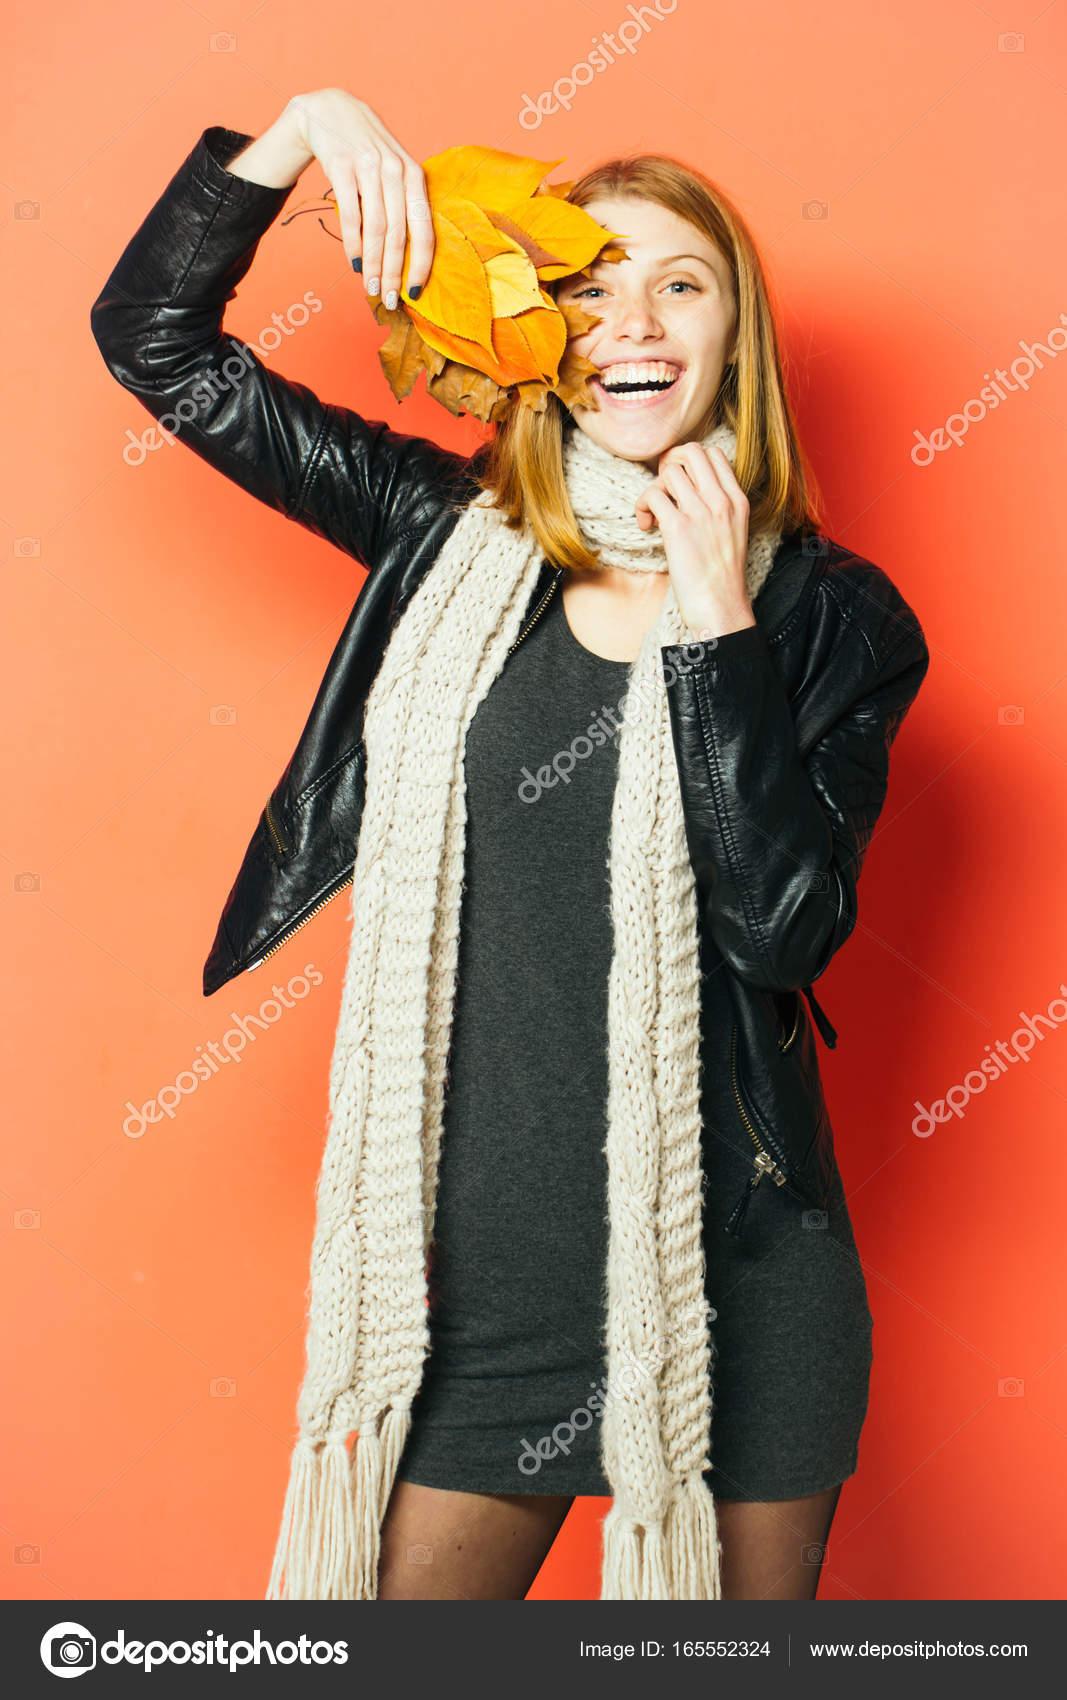 Γυναίκα με φθινοπωρινά φύλλα σε δερμάτινο μπουφάν. Κορίτσι με πορτοκαλί  φύλλα σε πορτοκαλί φόντο. Holiday σεζόν και το φθινόπωρο. Ομορφιά και τη  μόδα. 6e29a2c9fb1